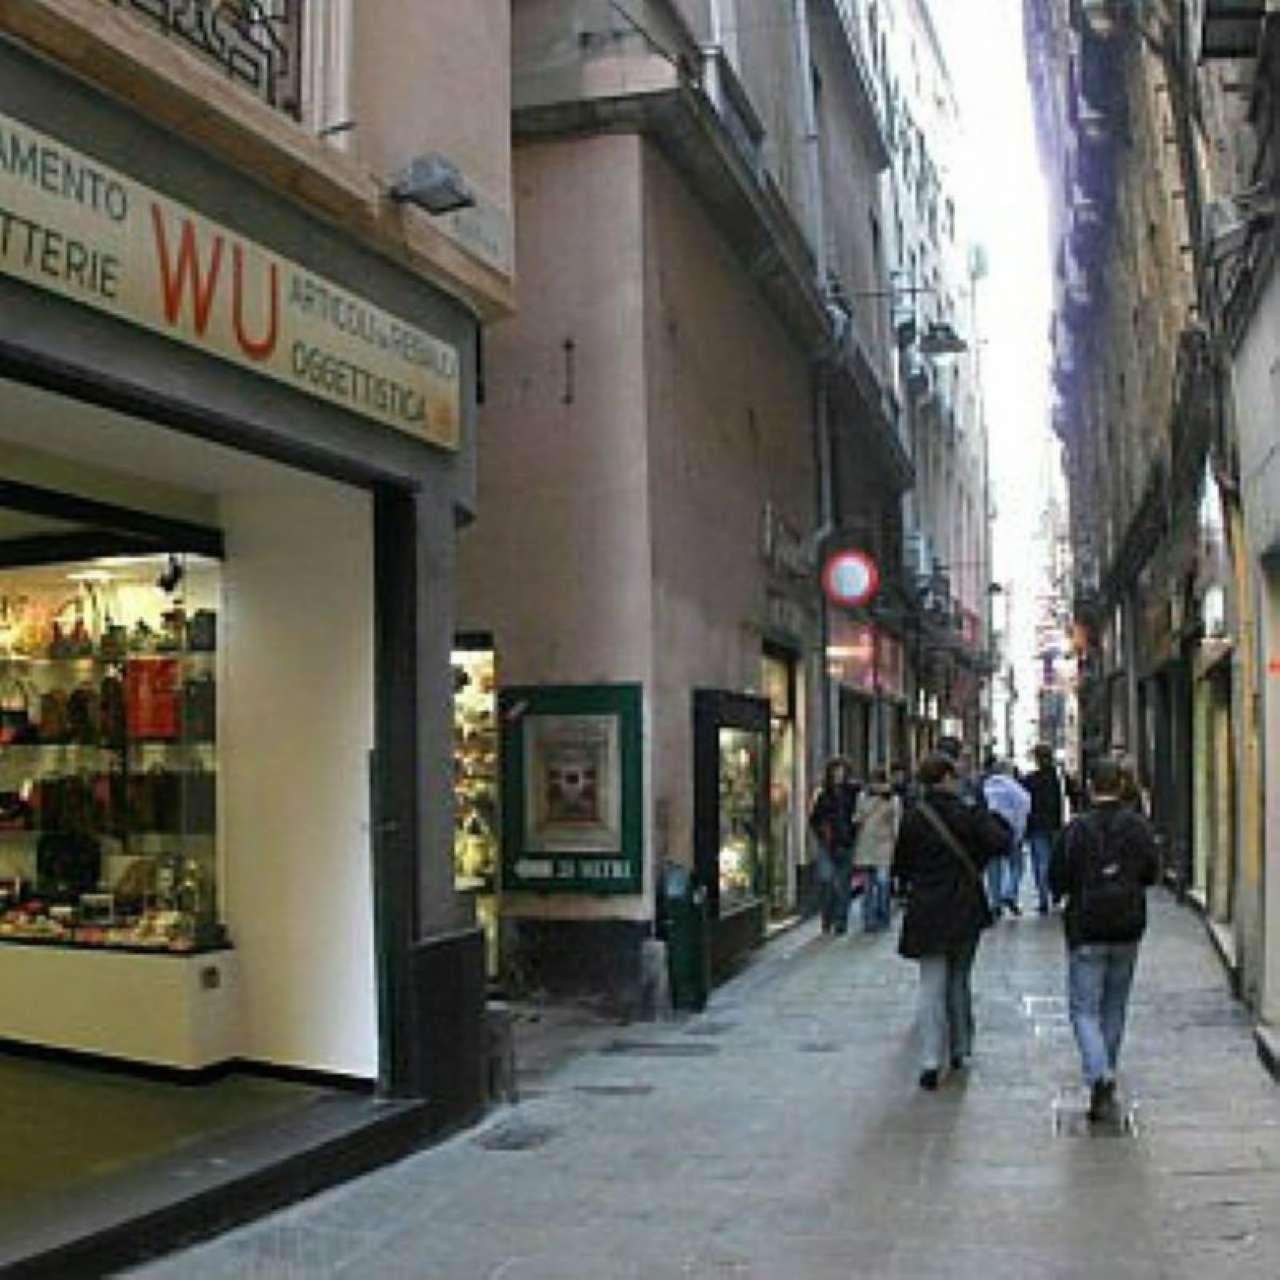 Negozio-locale in Vendita a Genova Centro: 5 locali, 180 mq